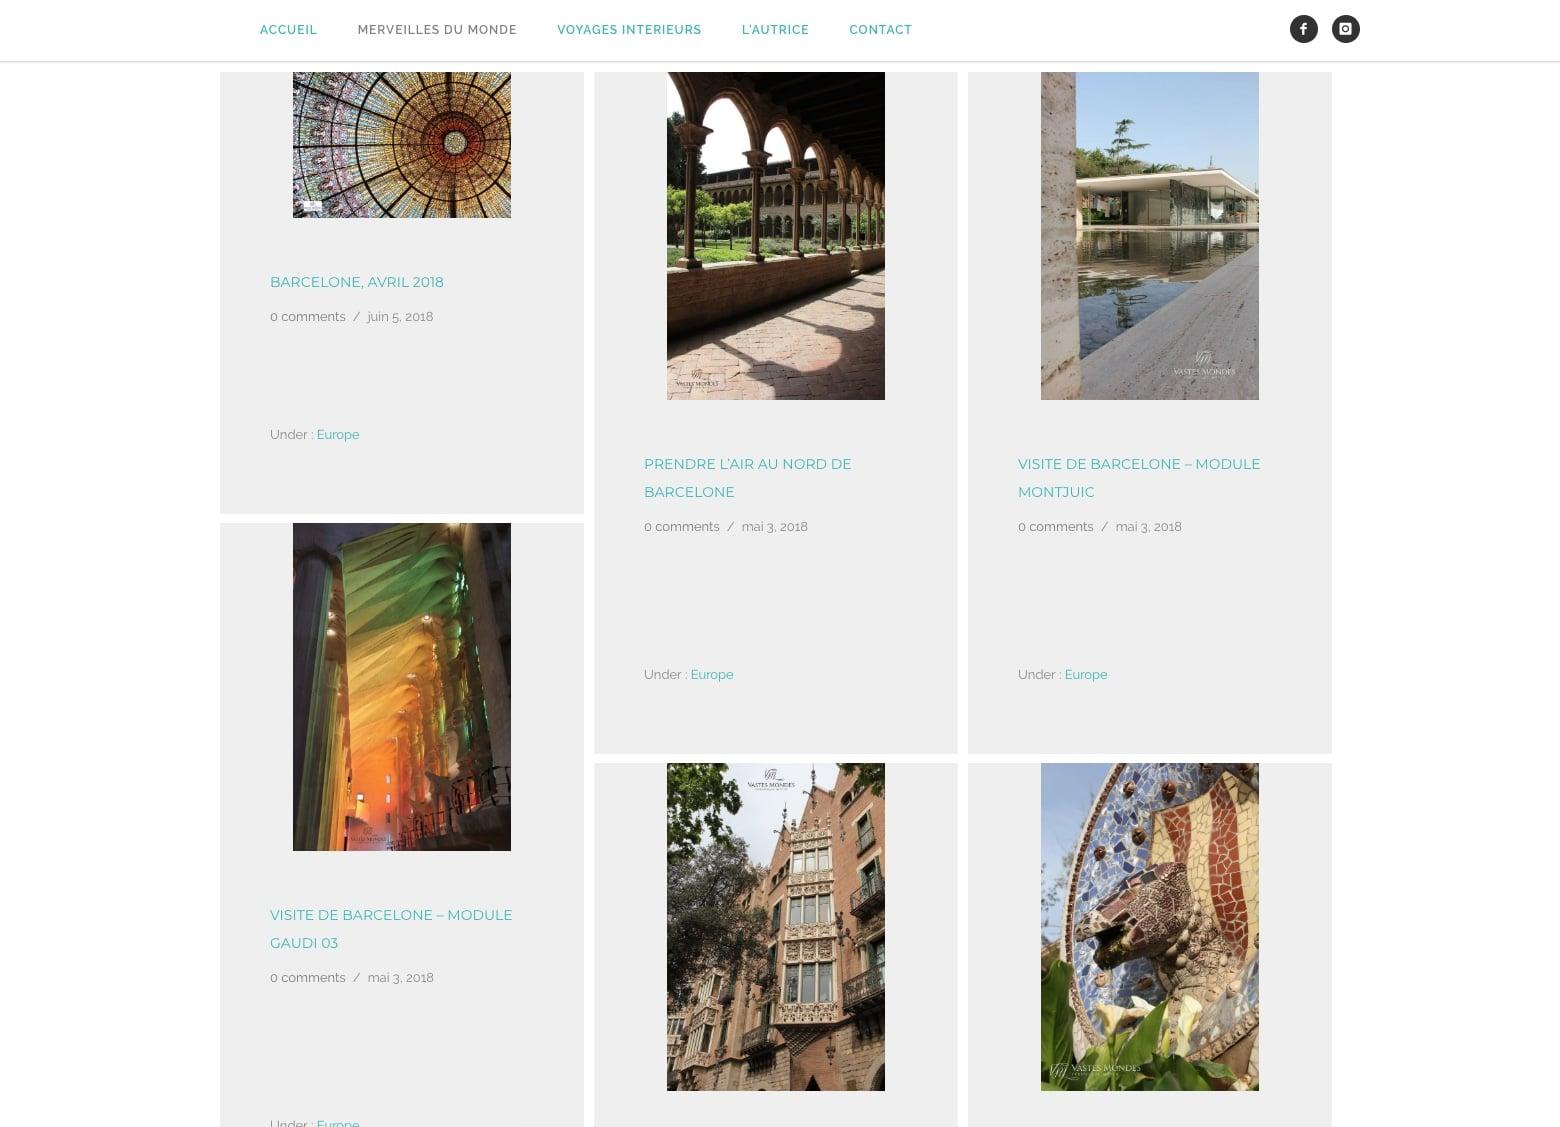 Les Merveilles du monde présenté par vastes mondes, un voyage mené par Karedess agence web depuis 2006 sur Mulhouse